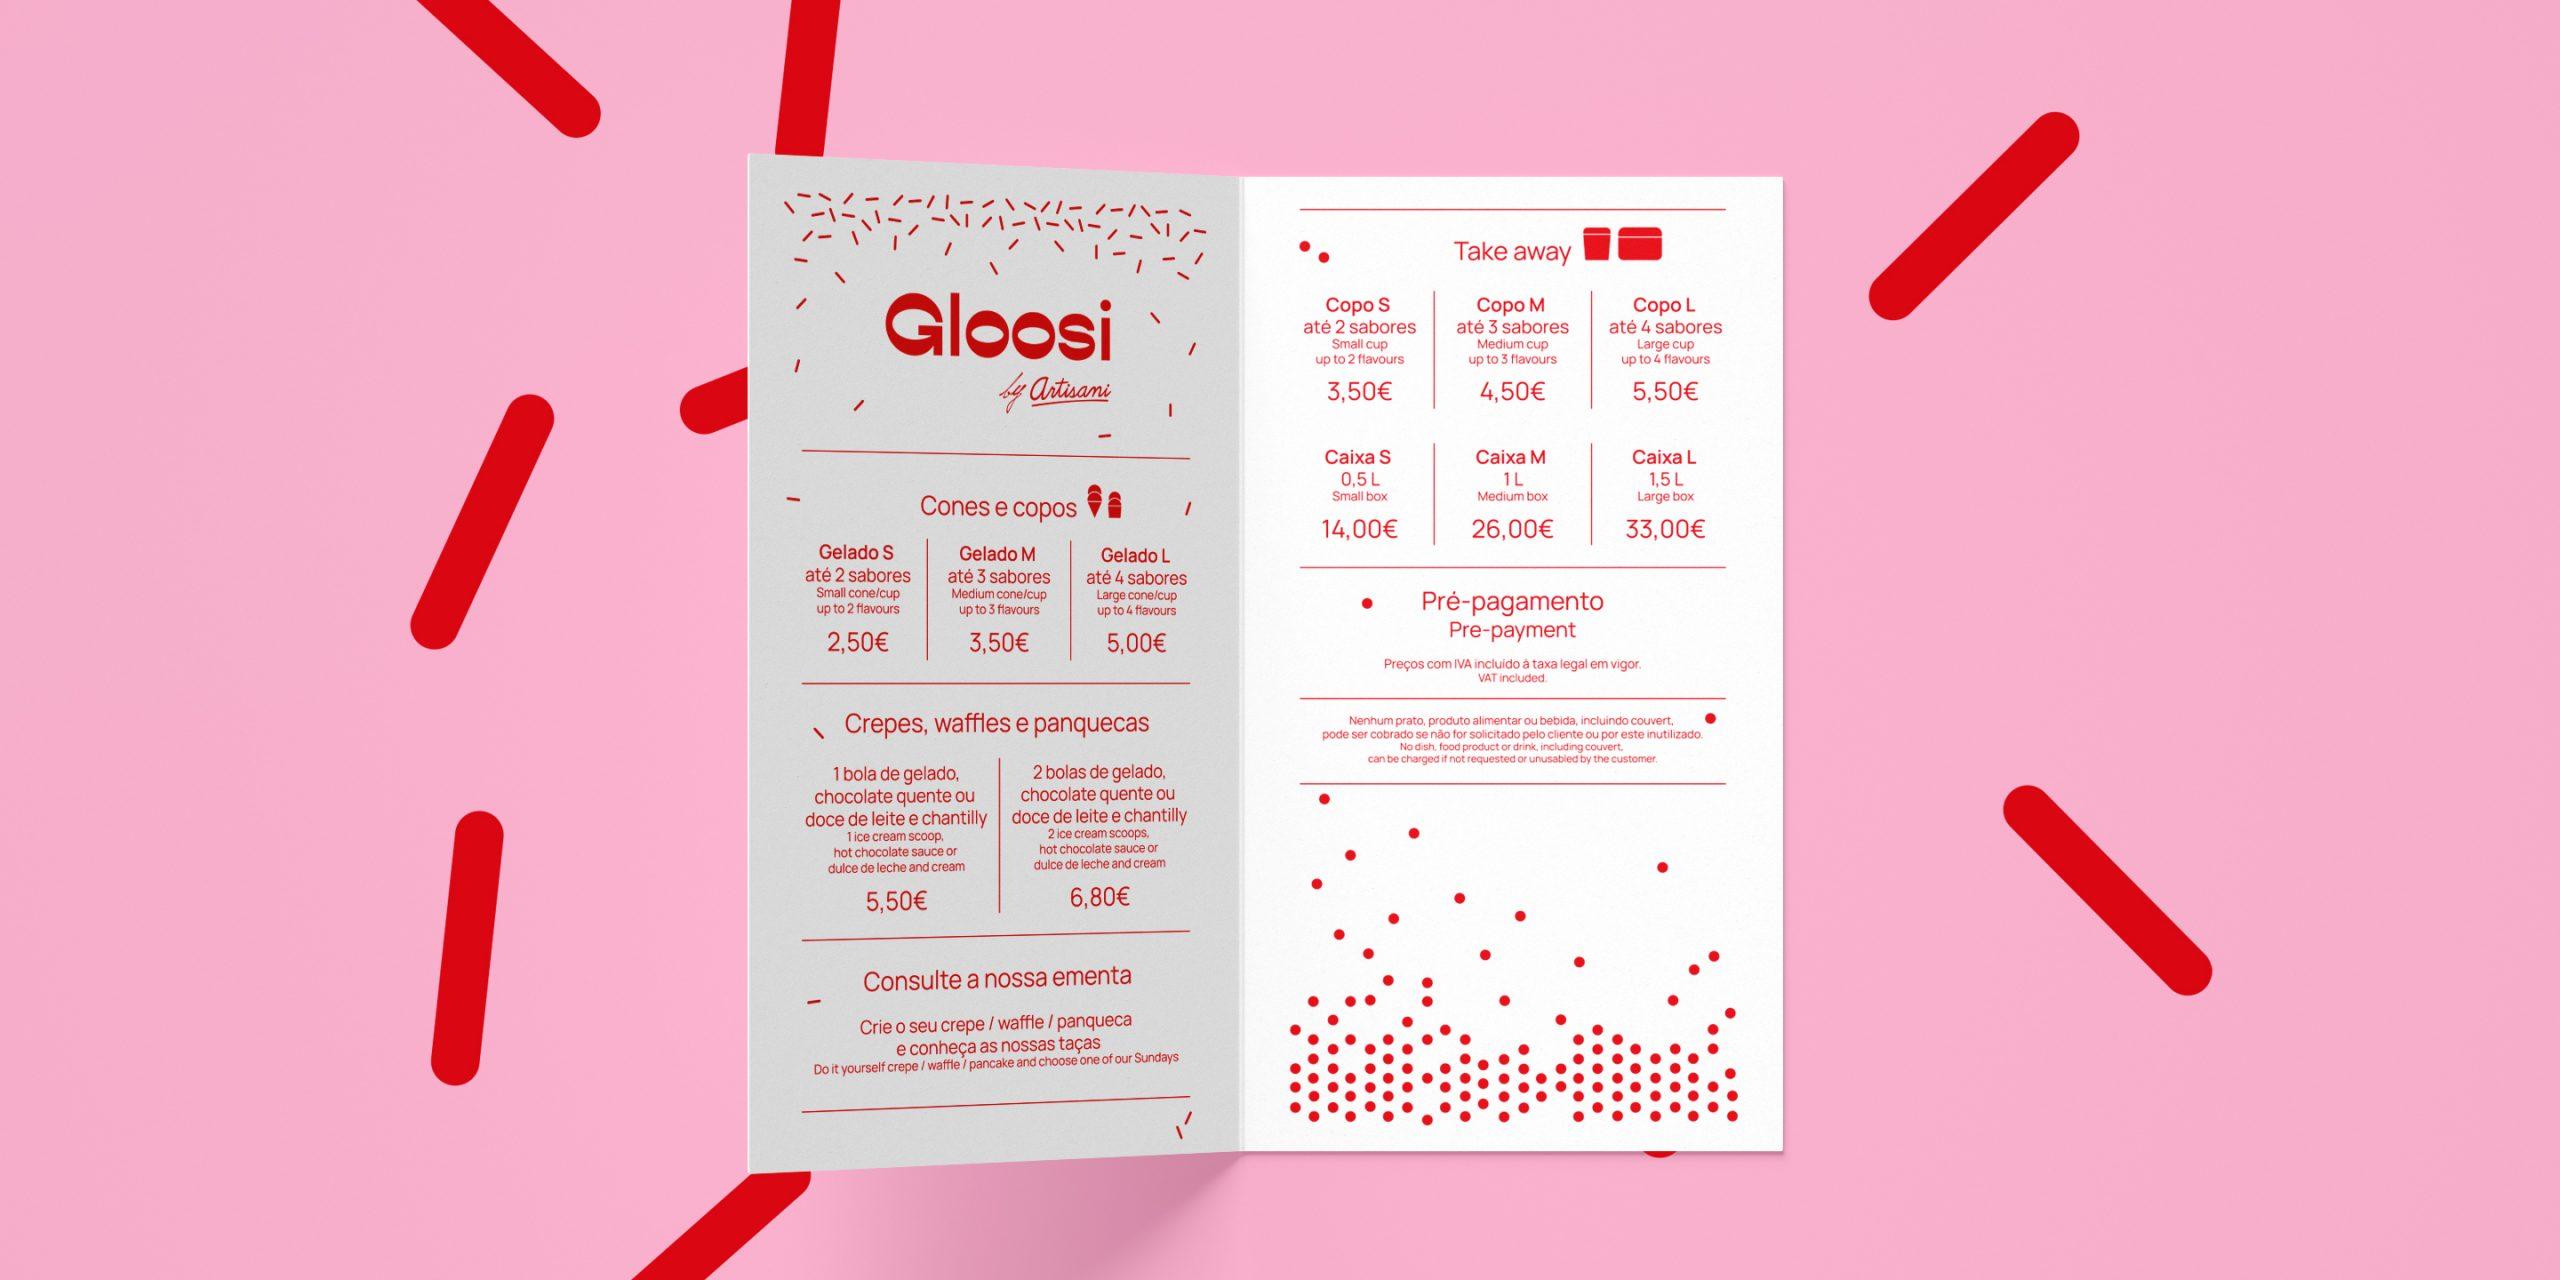 menu_Gloosi_UMA_23